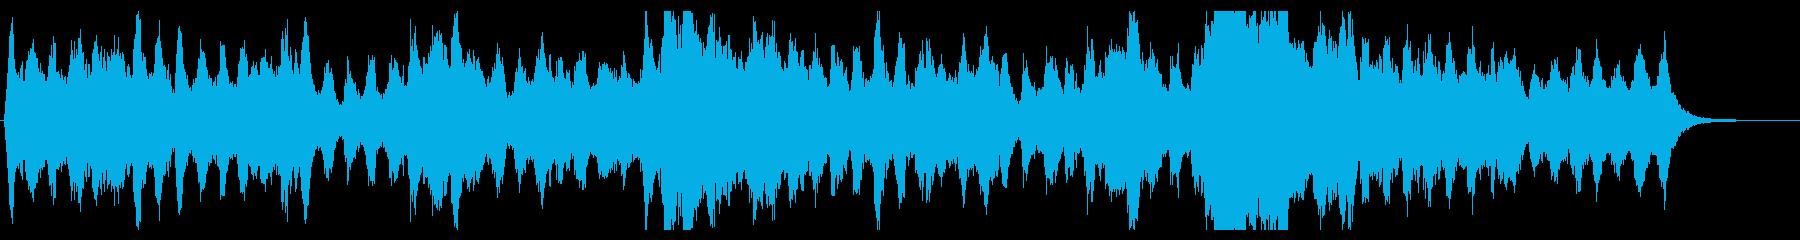 エルガー行進曲「威風堂々」有名サビ部分の再生済みの波形